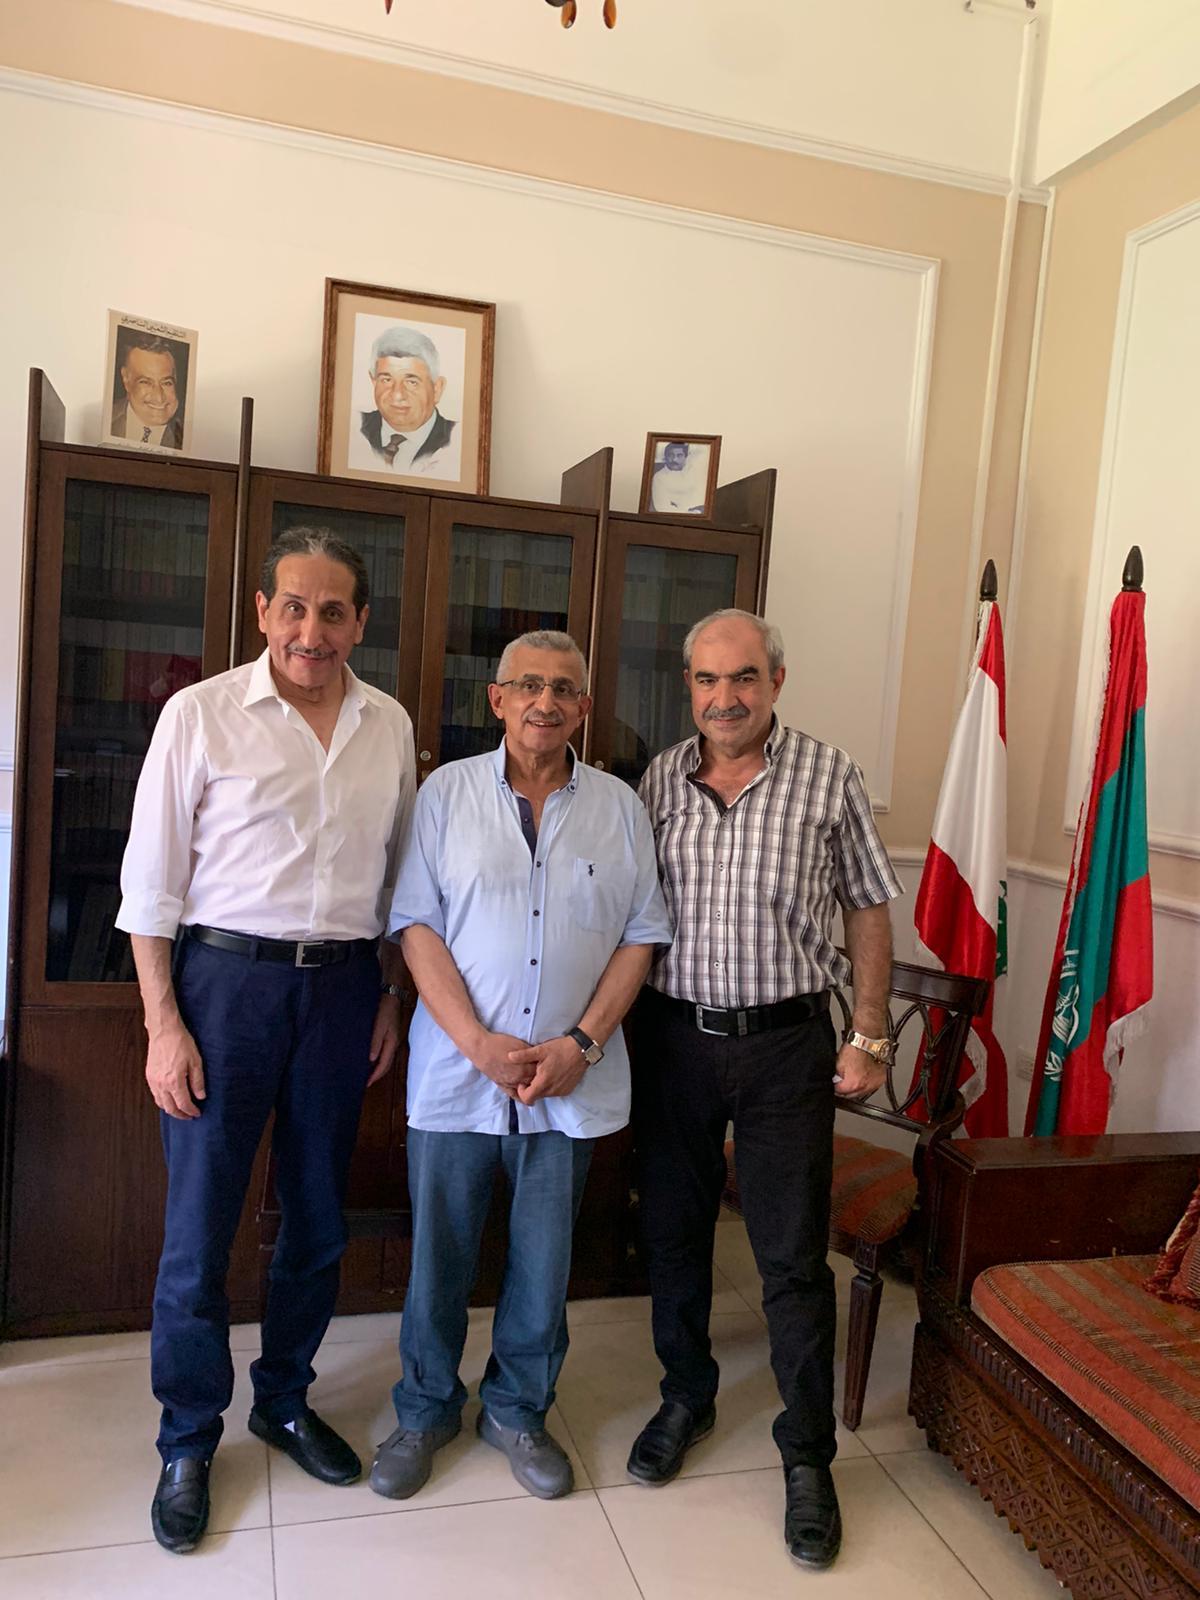 اسامة سعد يستقبل الدكتور حسين الشمري من التيار الناصري في الكويت